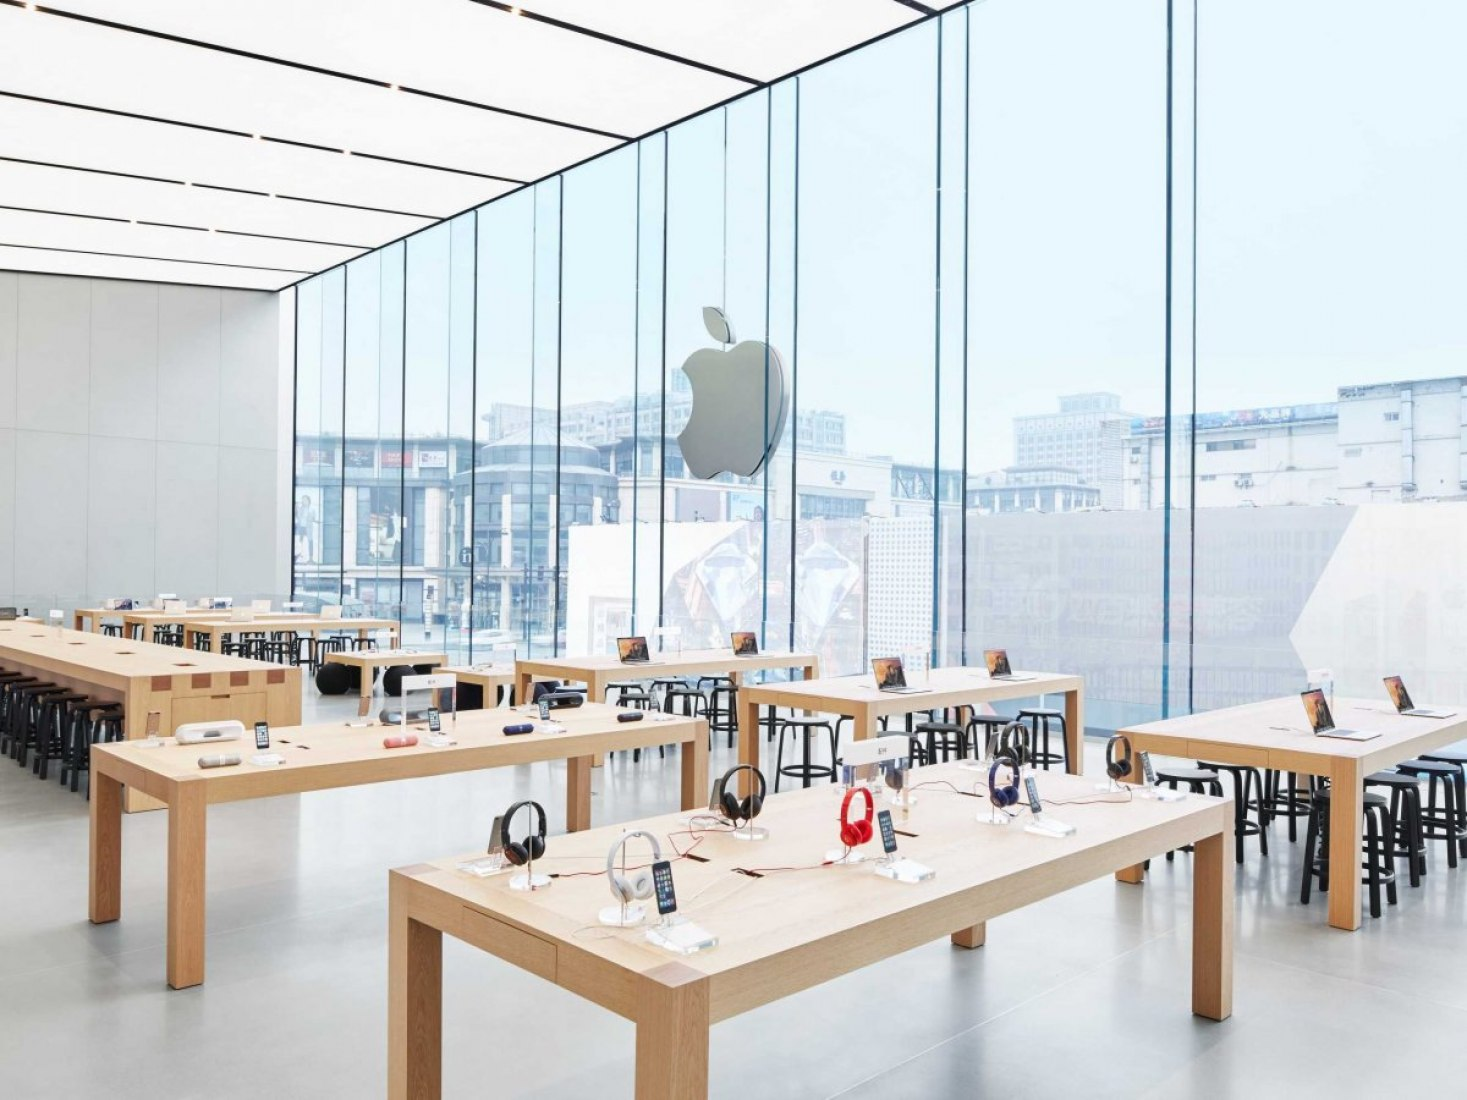 Tienda Apple en Hangzhou por Foster + Partners. Fotografía © Nigel Young, courtesy of Foster + Partners.